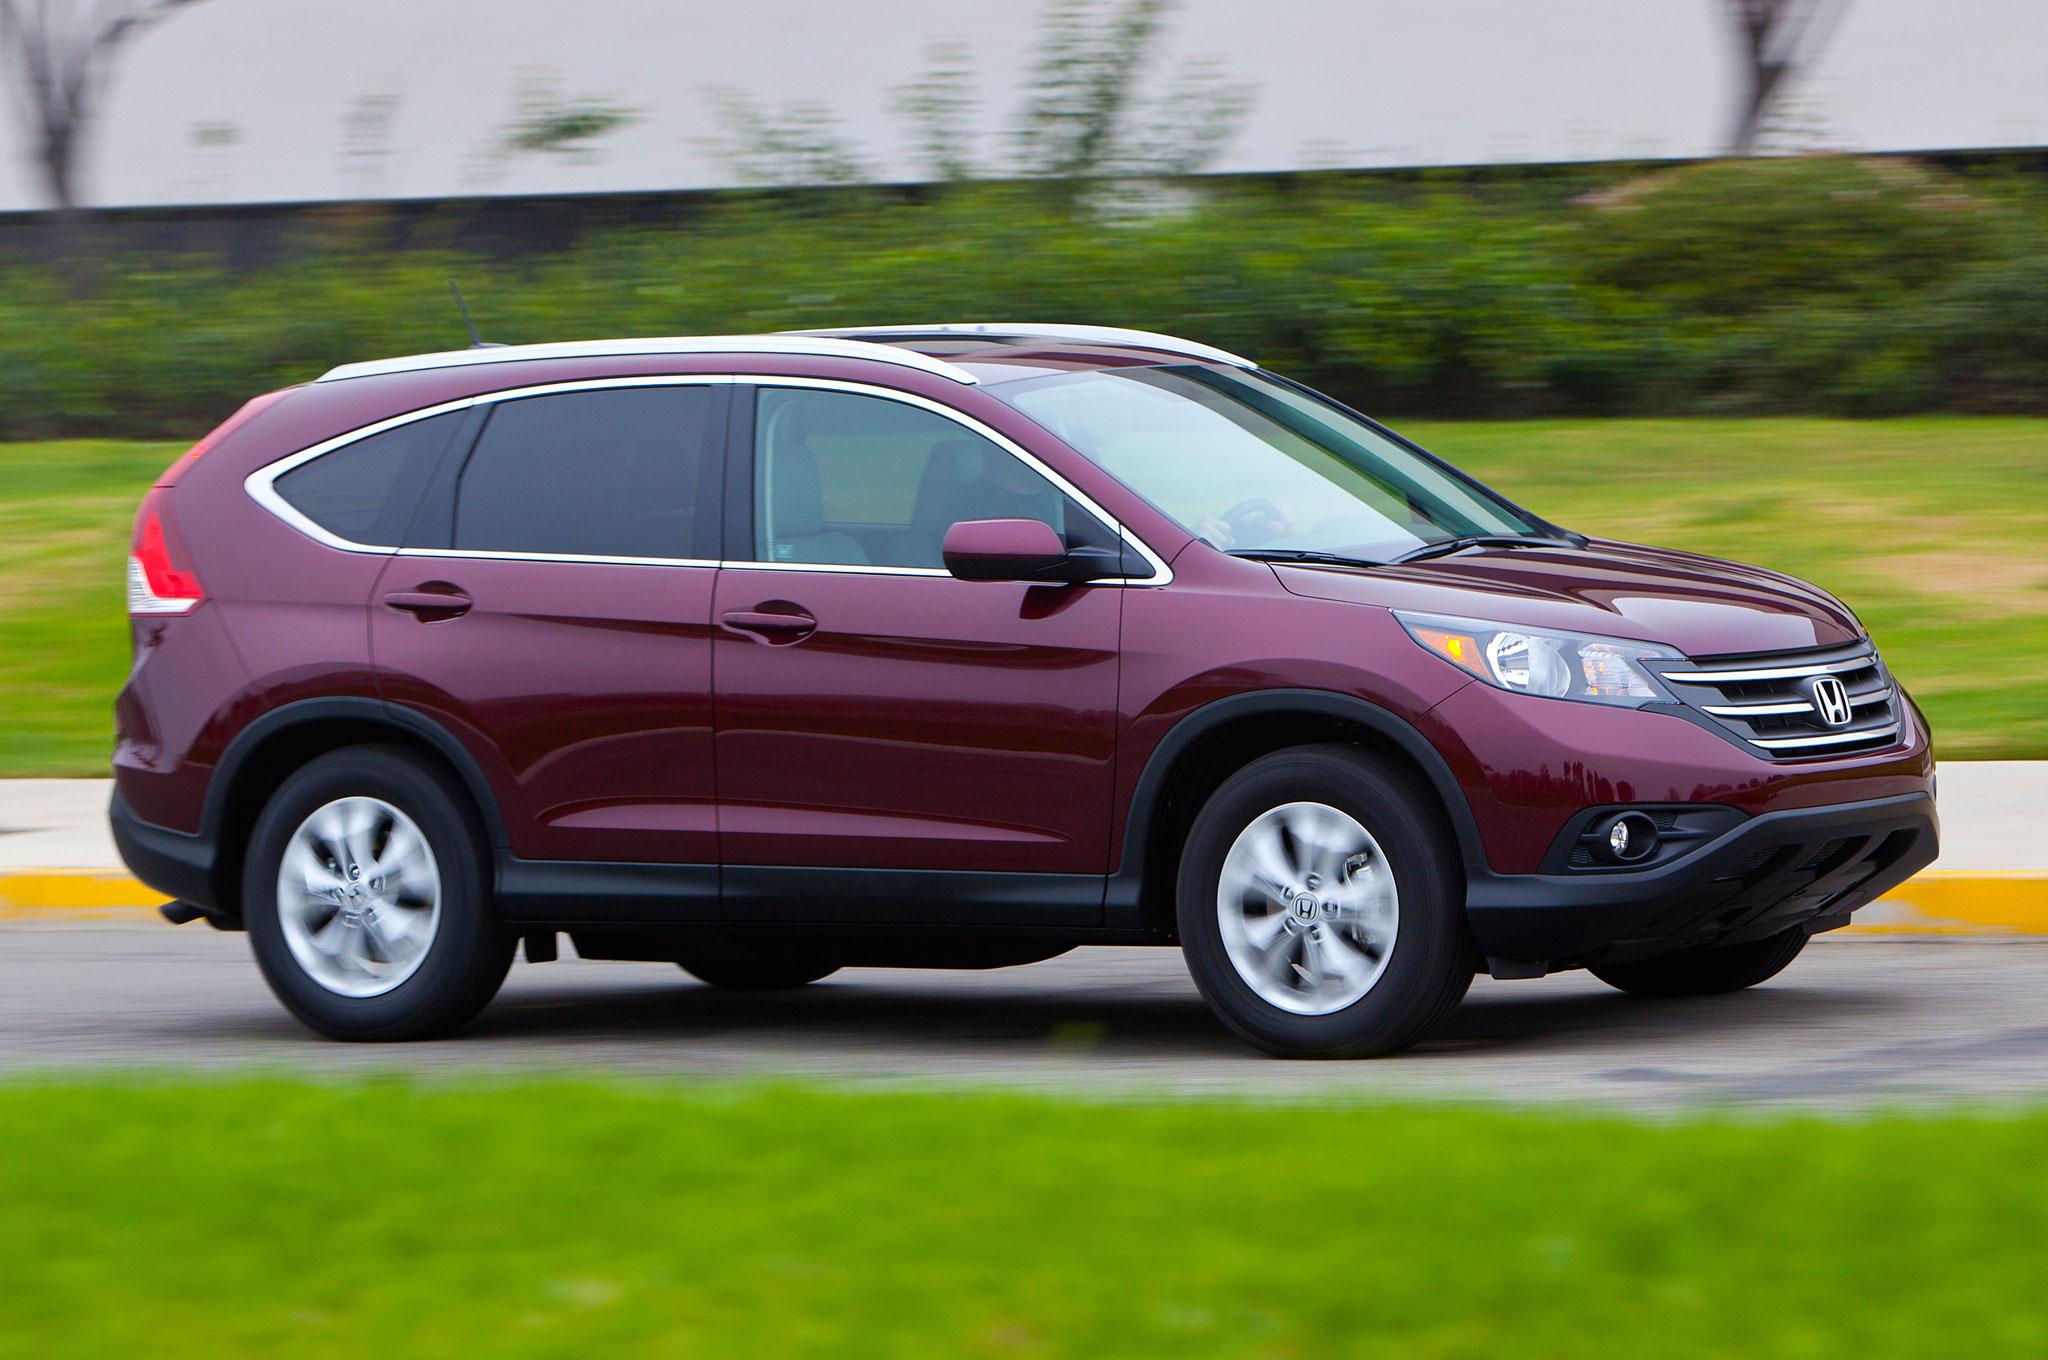 Honda CR-V 2014: capacidades, tecnología y confort | Lista de Carros